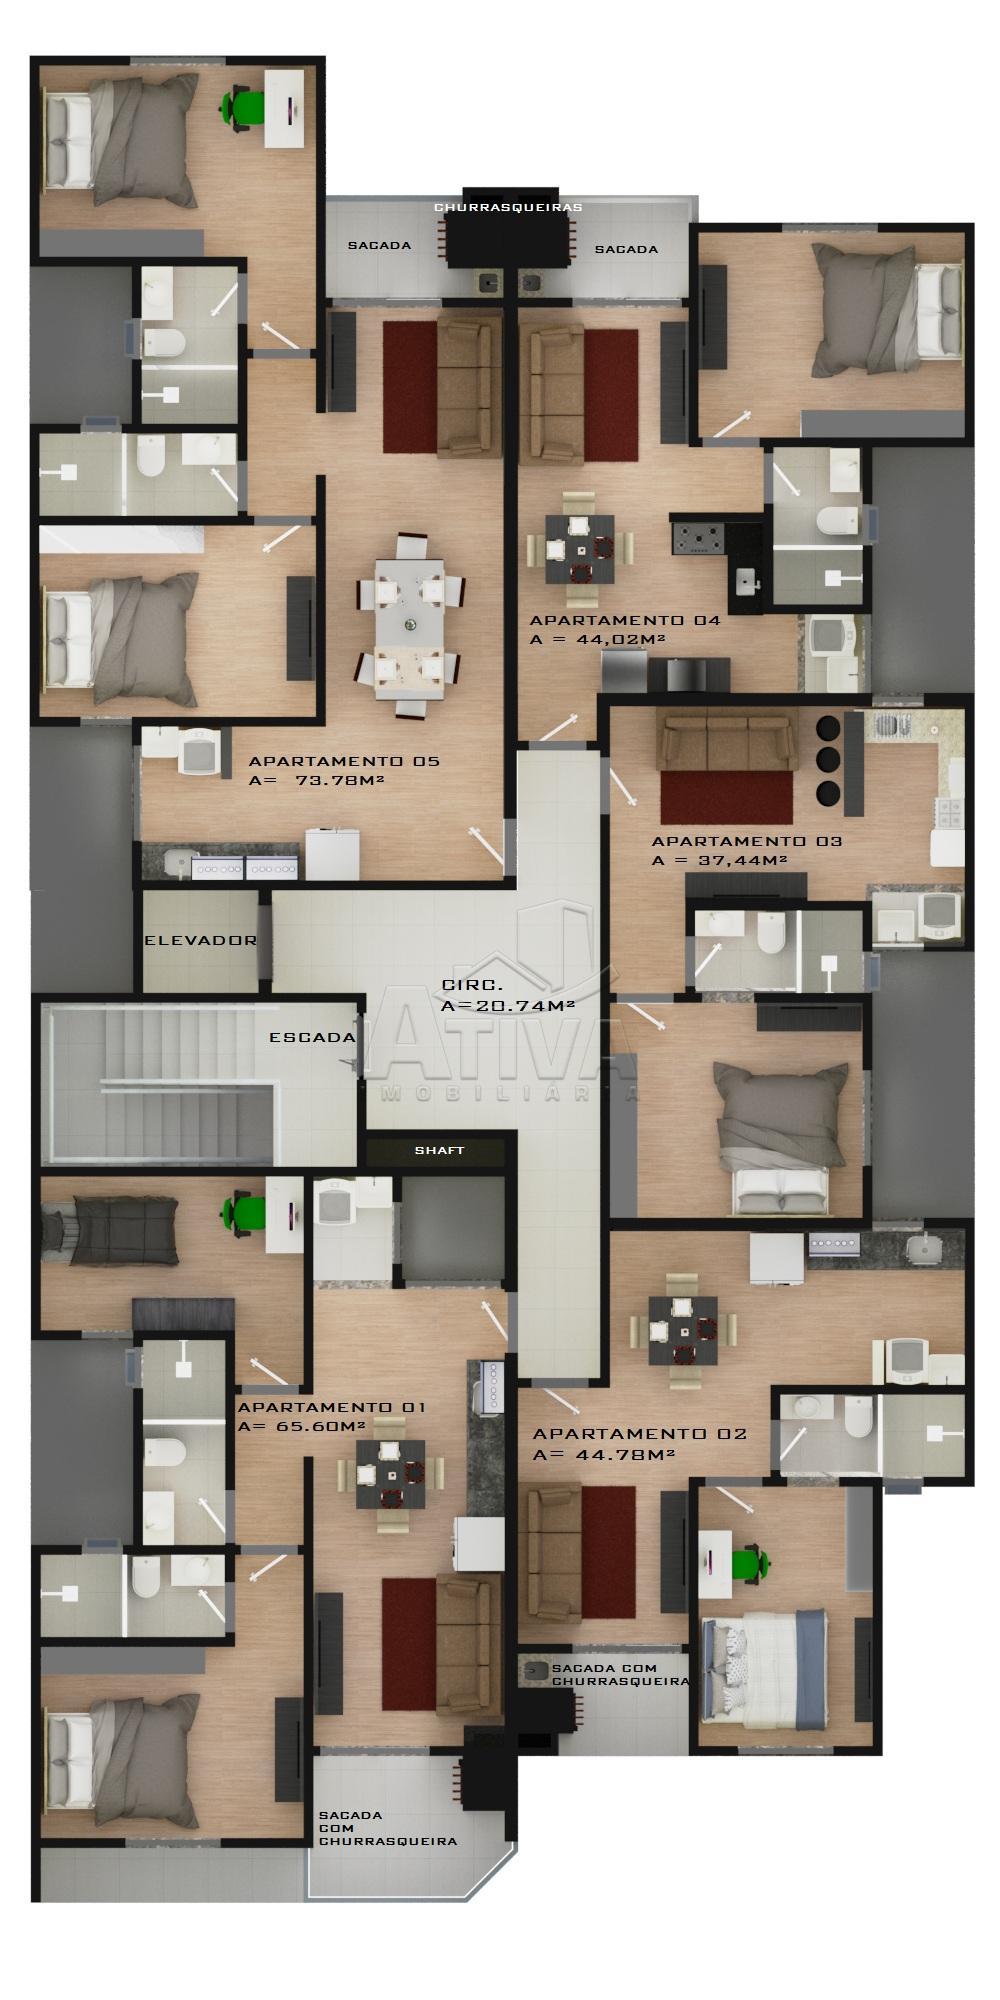 Comprar Apartamento / Padrão em Toledo apenas R$ 158.609,90 - Foto 4